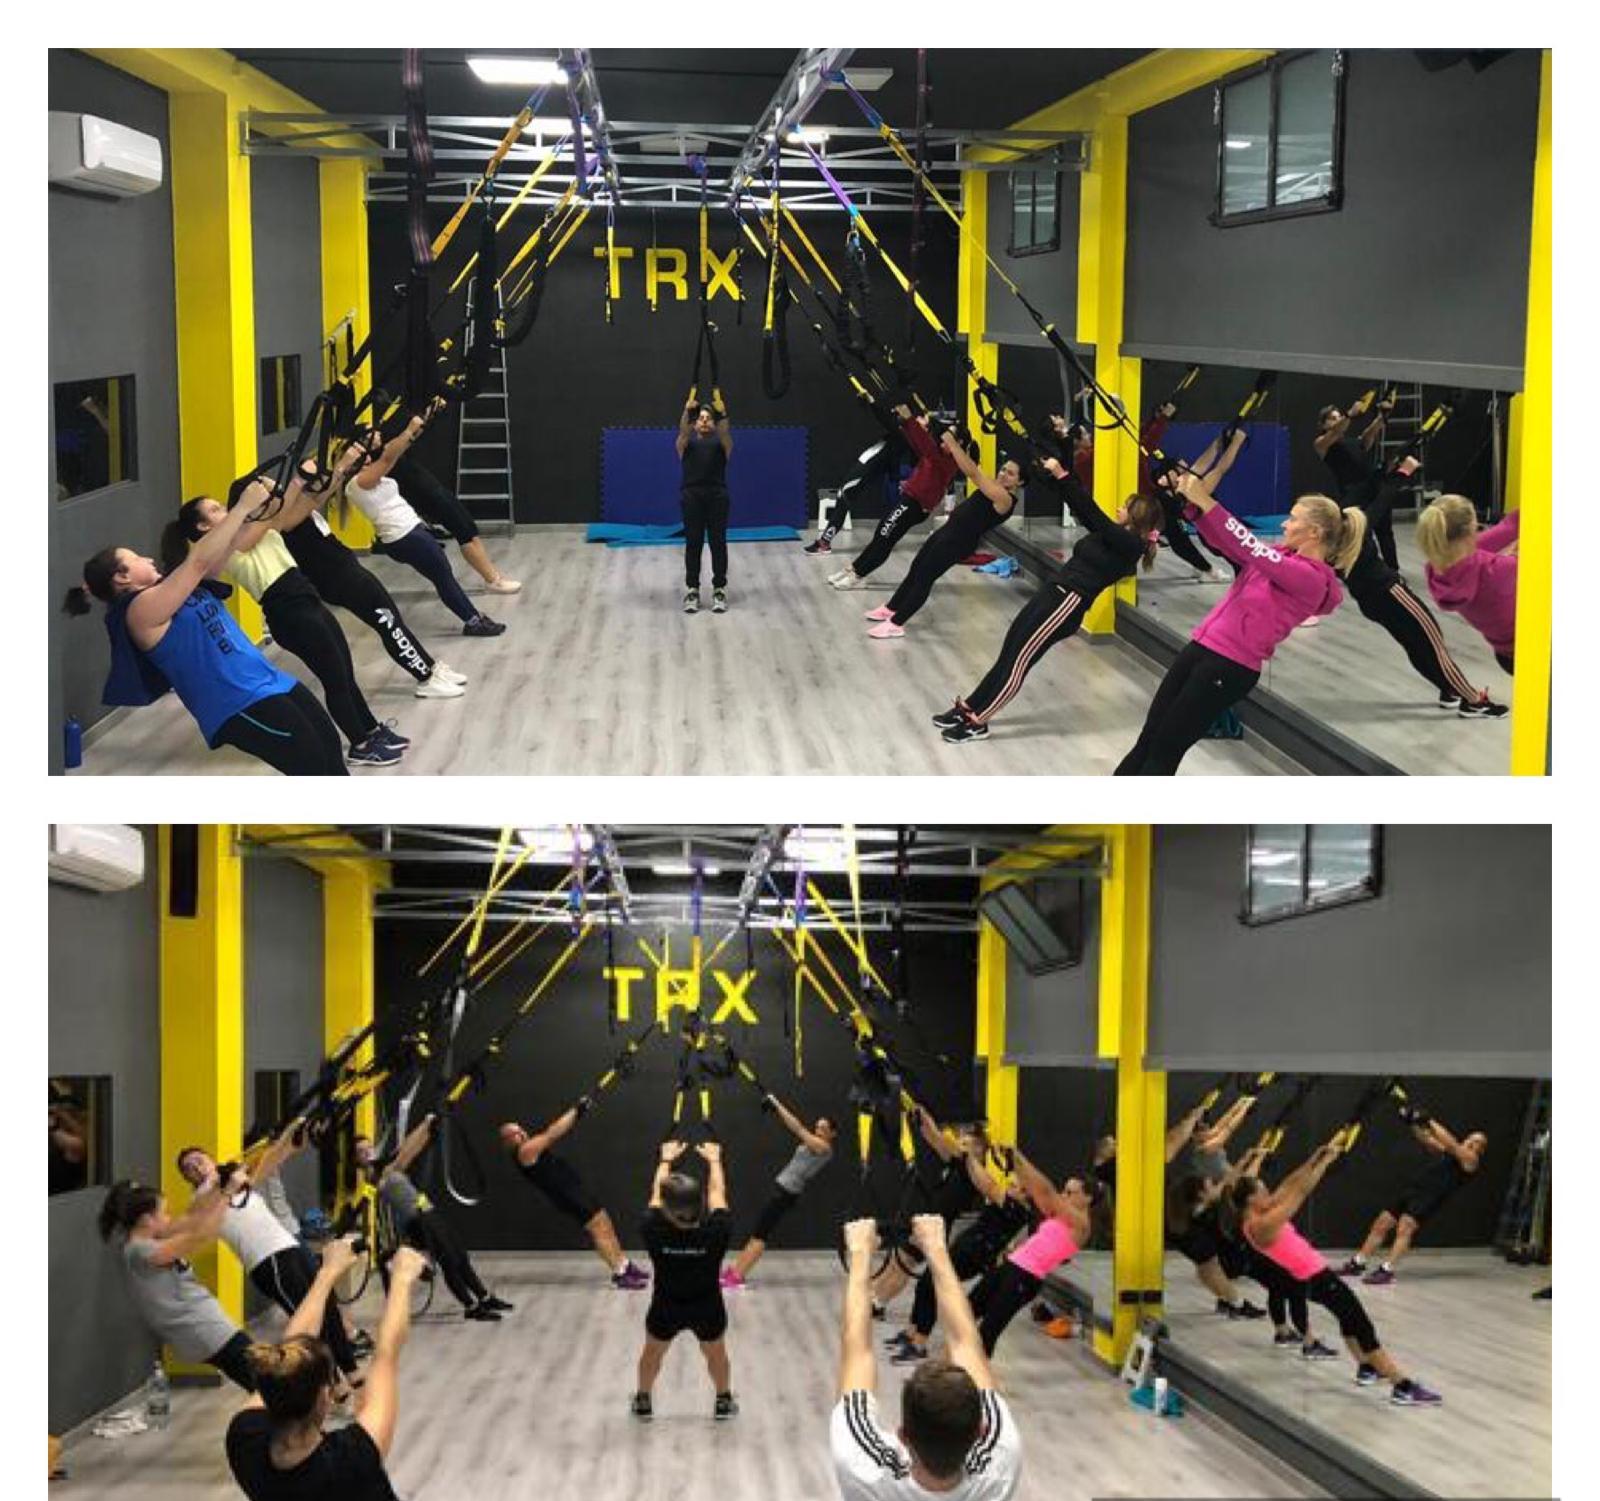 Life Gym Center Uno E Trino Centro Fitness Estetico E Salute I Migliori Servizi Nella Stessa Location Lo Strillone News Lo Strillone News